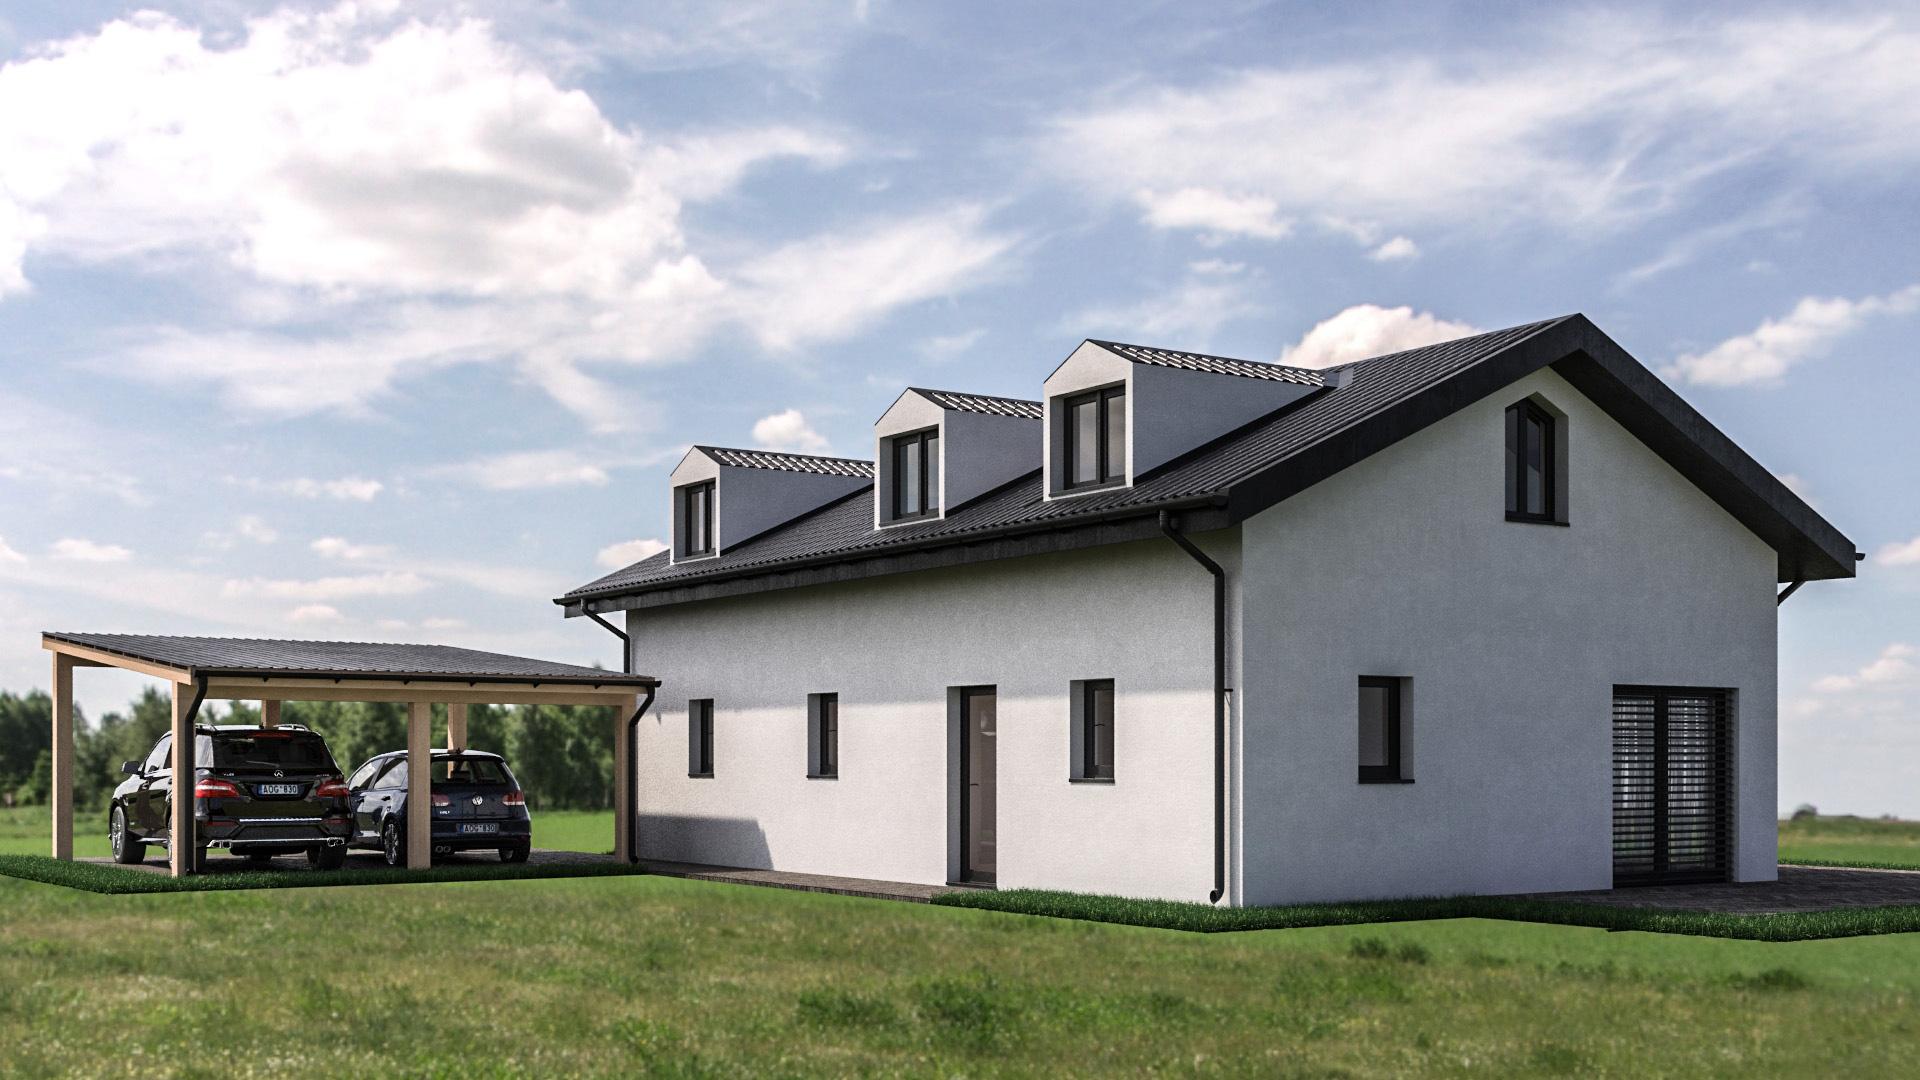 C3 Concept, visualisation 3D à Bulle. cressier villa individuelle extérieur